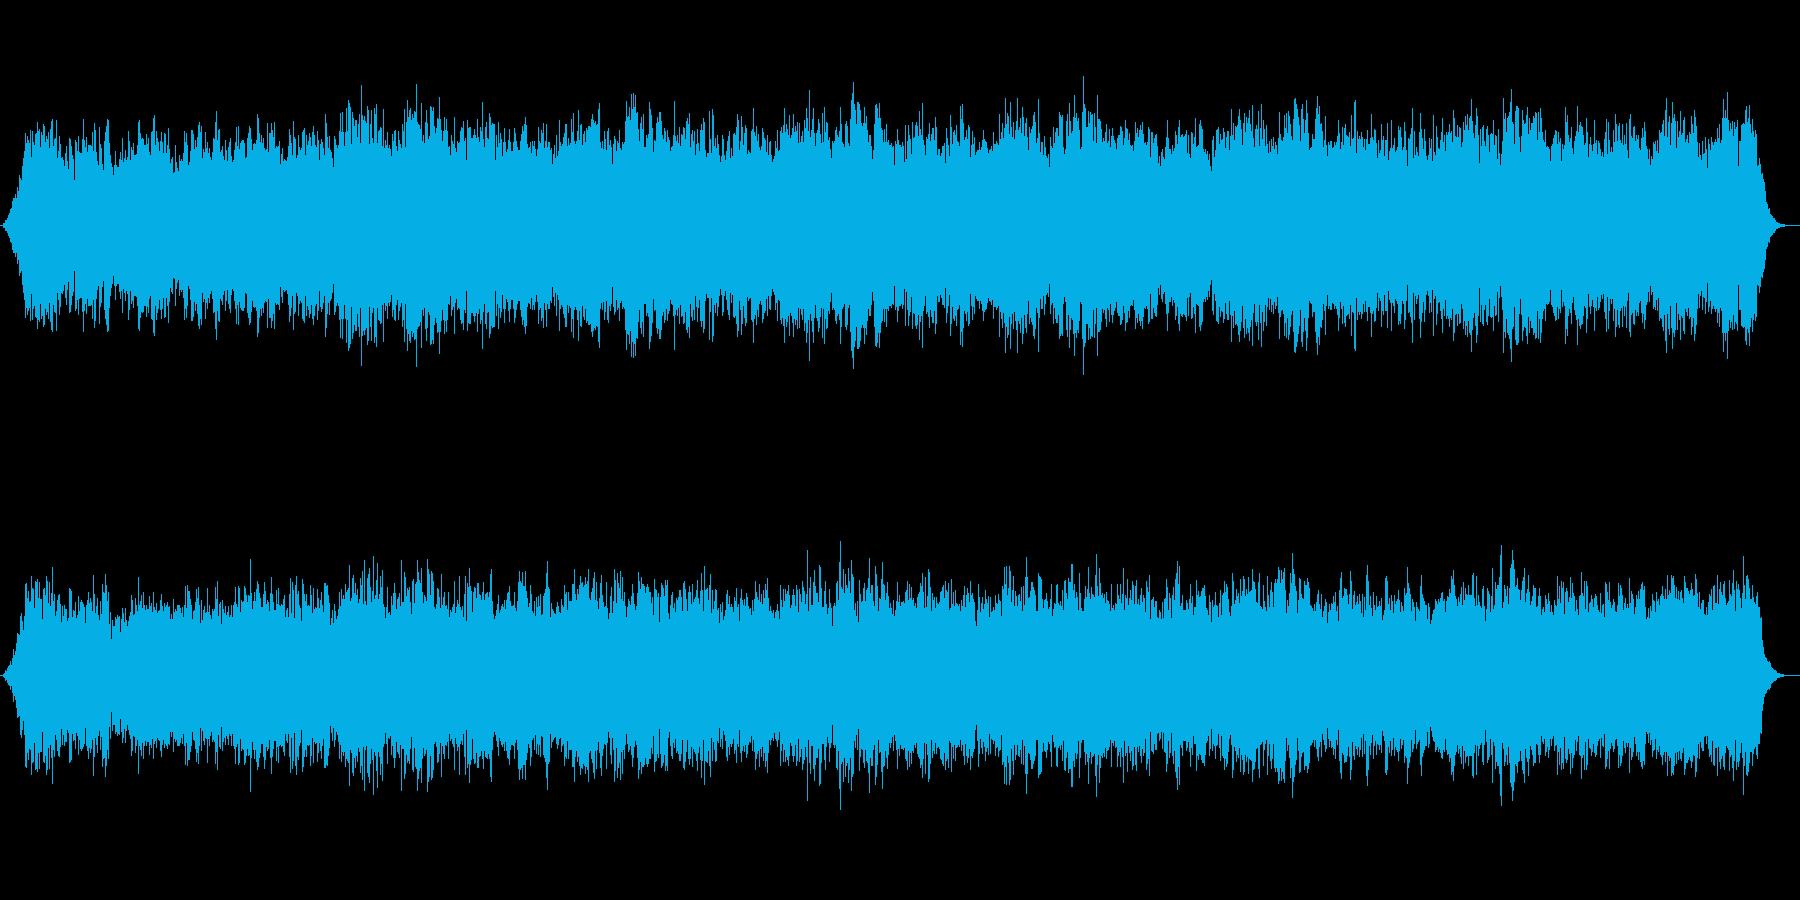 神秘的なシンセサイザーのサウンドの再生済みの波形